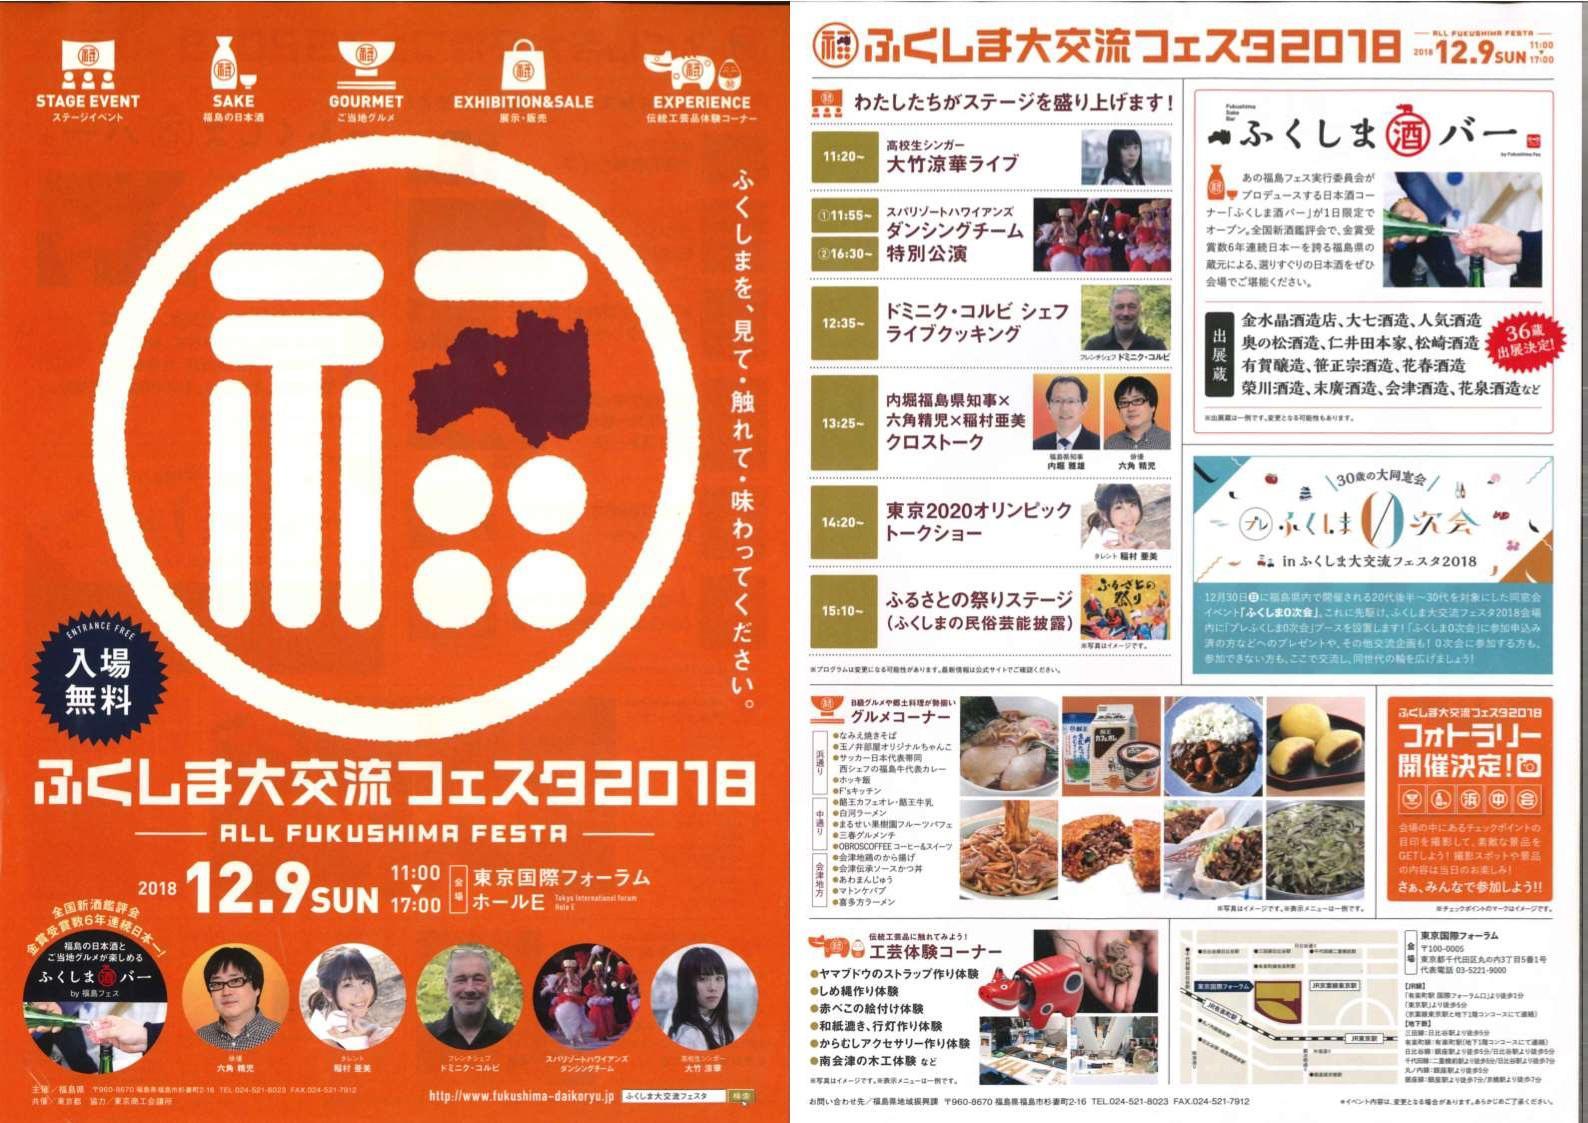 ふくしま大交流フェスタ2018.jpg